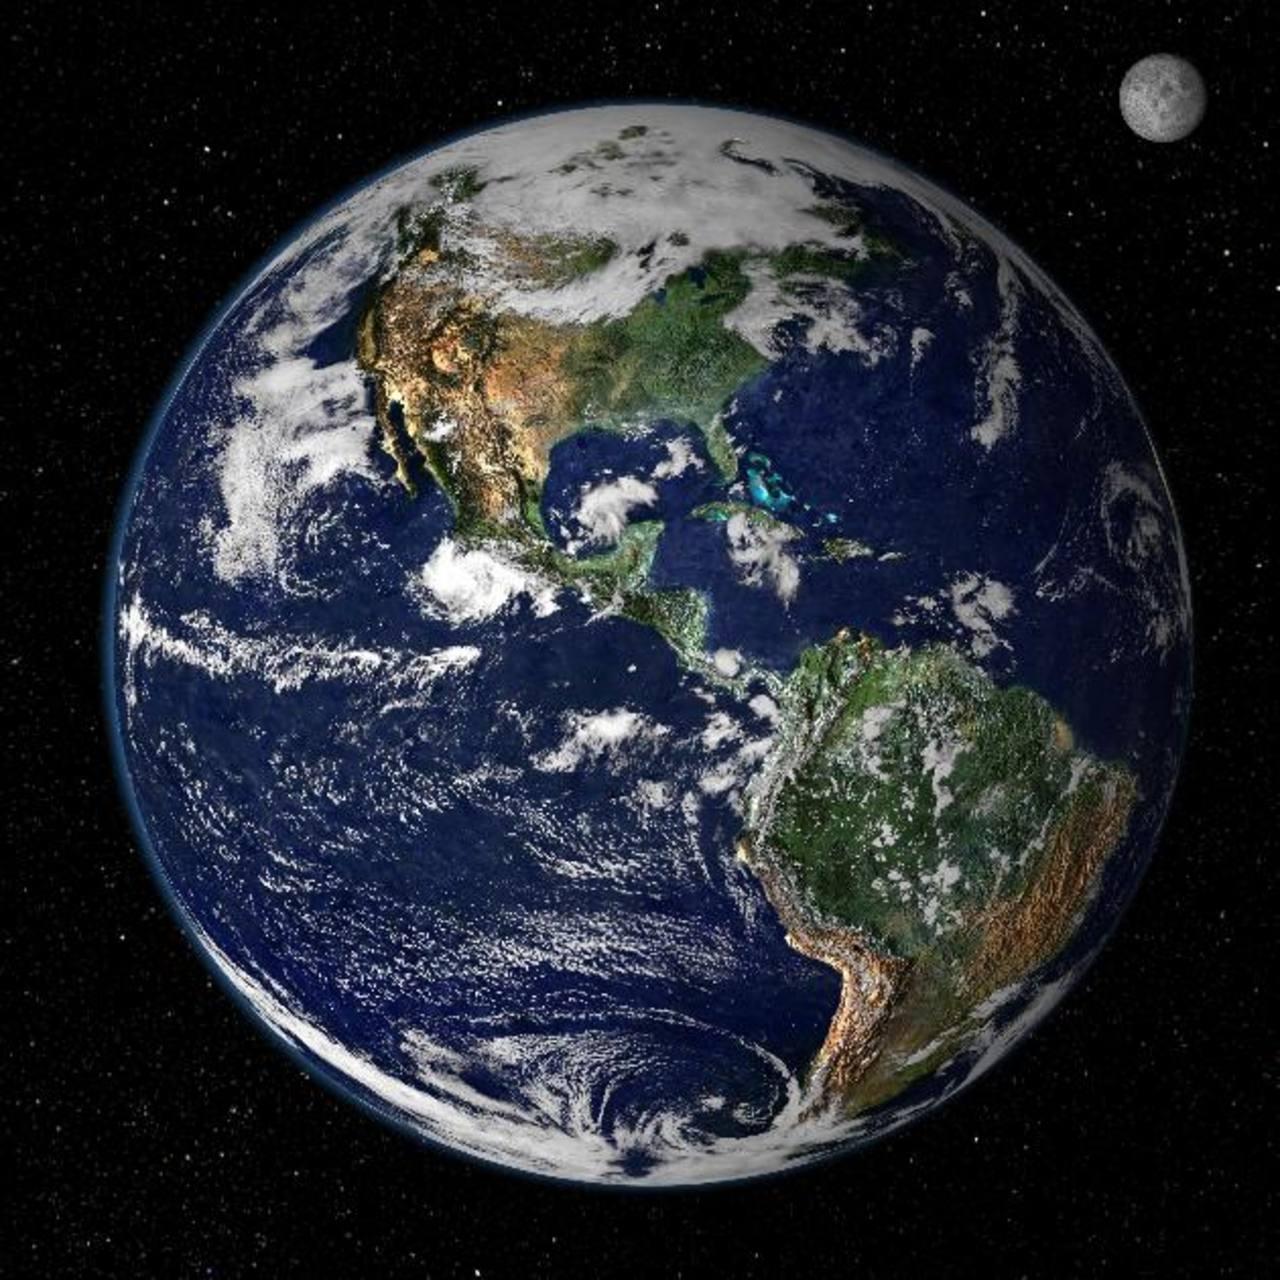 """Sin intervención humana, el impacto de asteroides sobre la Tierra puede causar """"grandes daños a nuestras sociedades, comunidades y familias en todo el globo""""."""